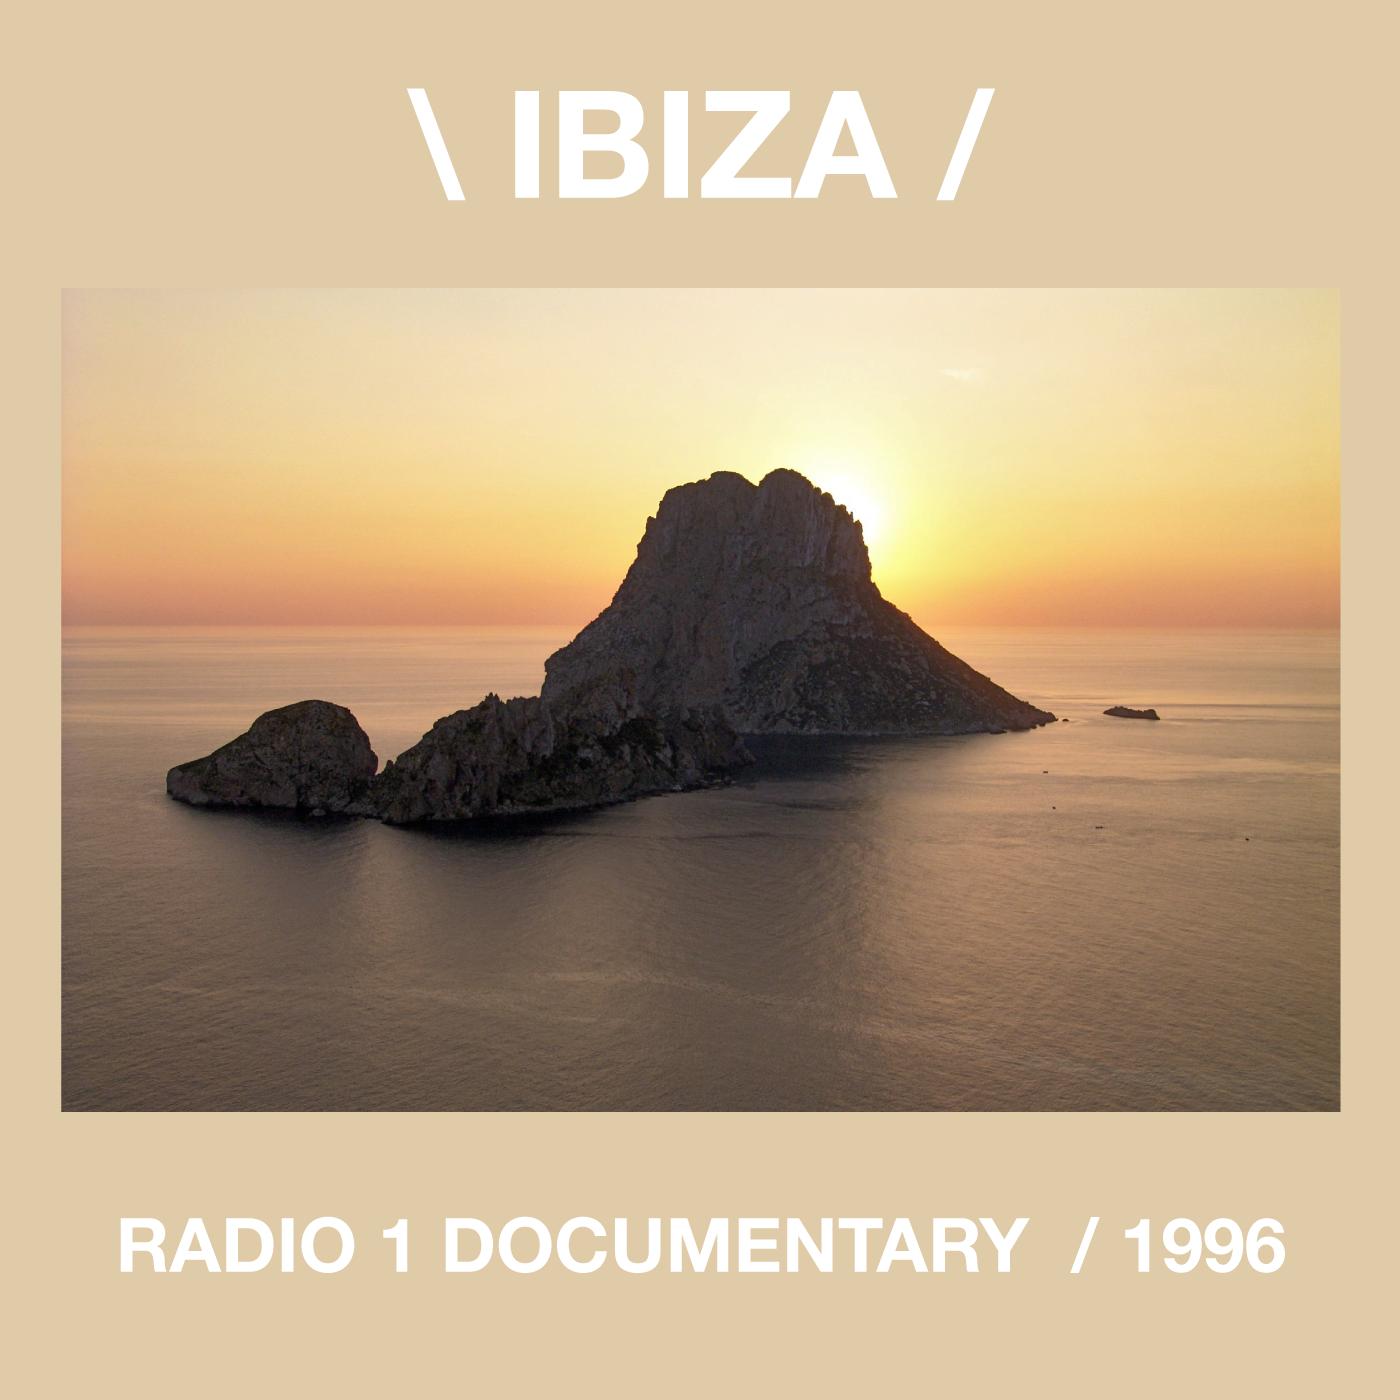 Ibiza, documentary, 1996, Radio 1, Nicky Holloway,  Cesar De Melero